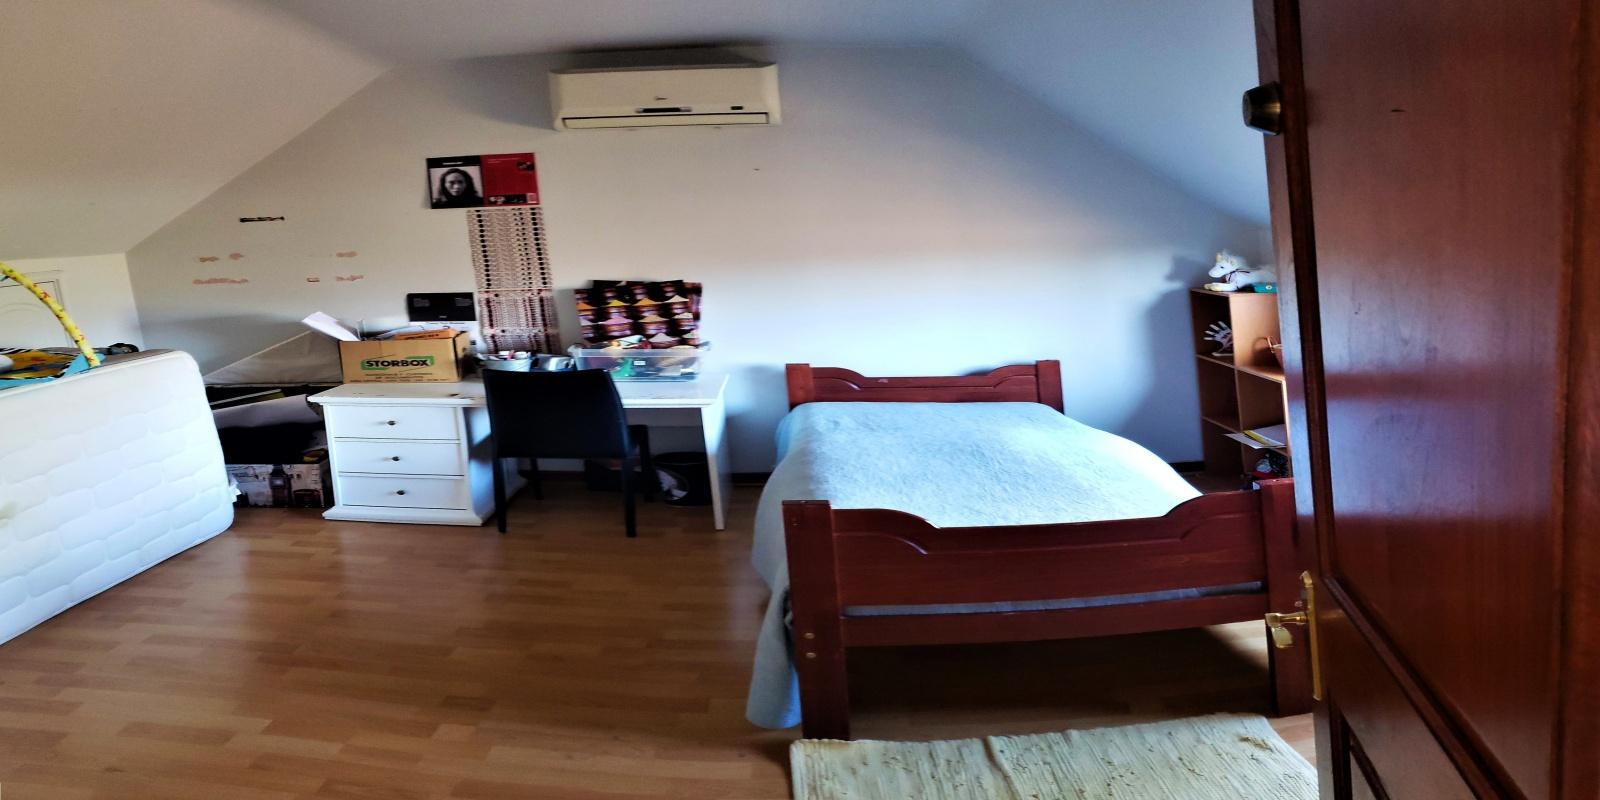 Región Metropolitana, 5 Habitaciones Habitaciones,5 BathroomsBathrooms,Casa,Venta,1051